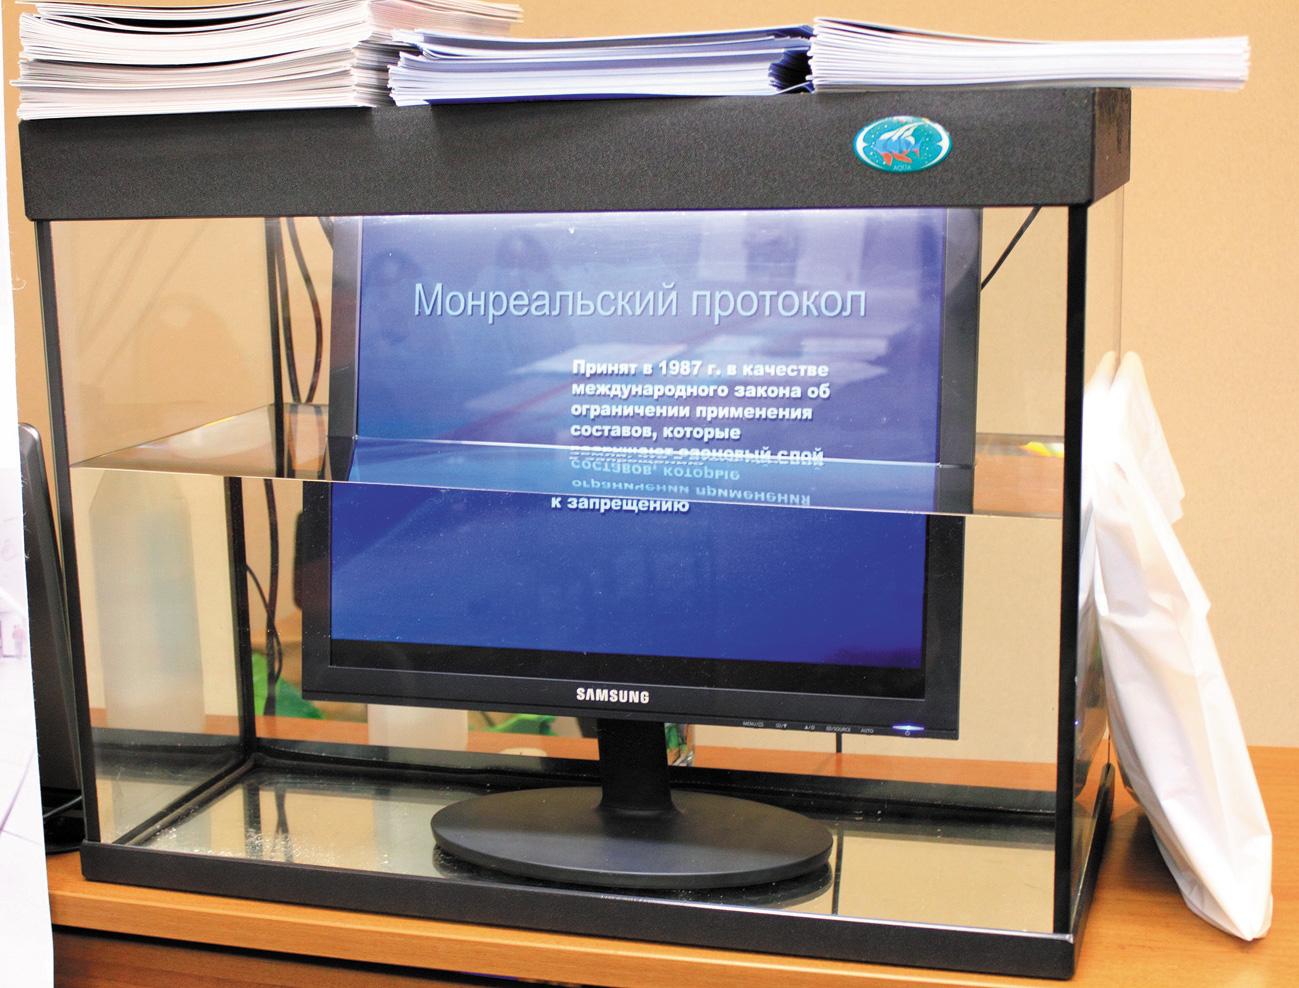 LCD-монитор в ГОТВ Novec 1230